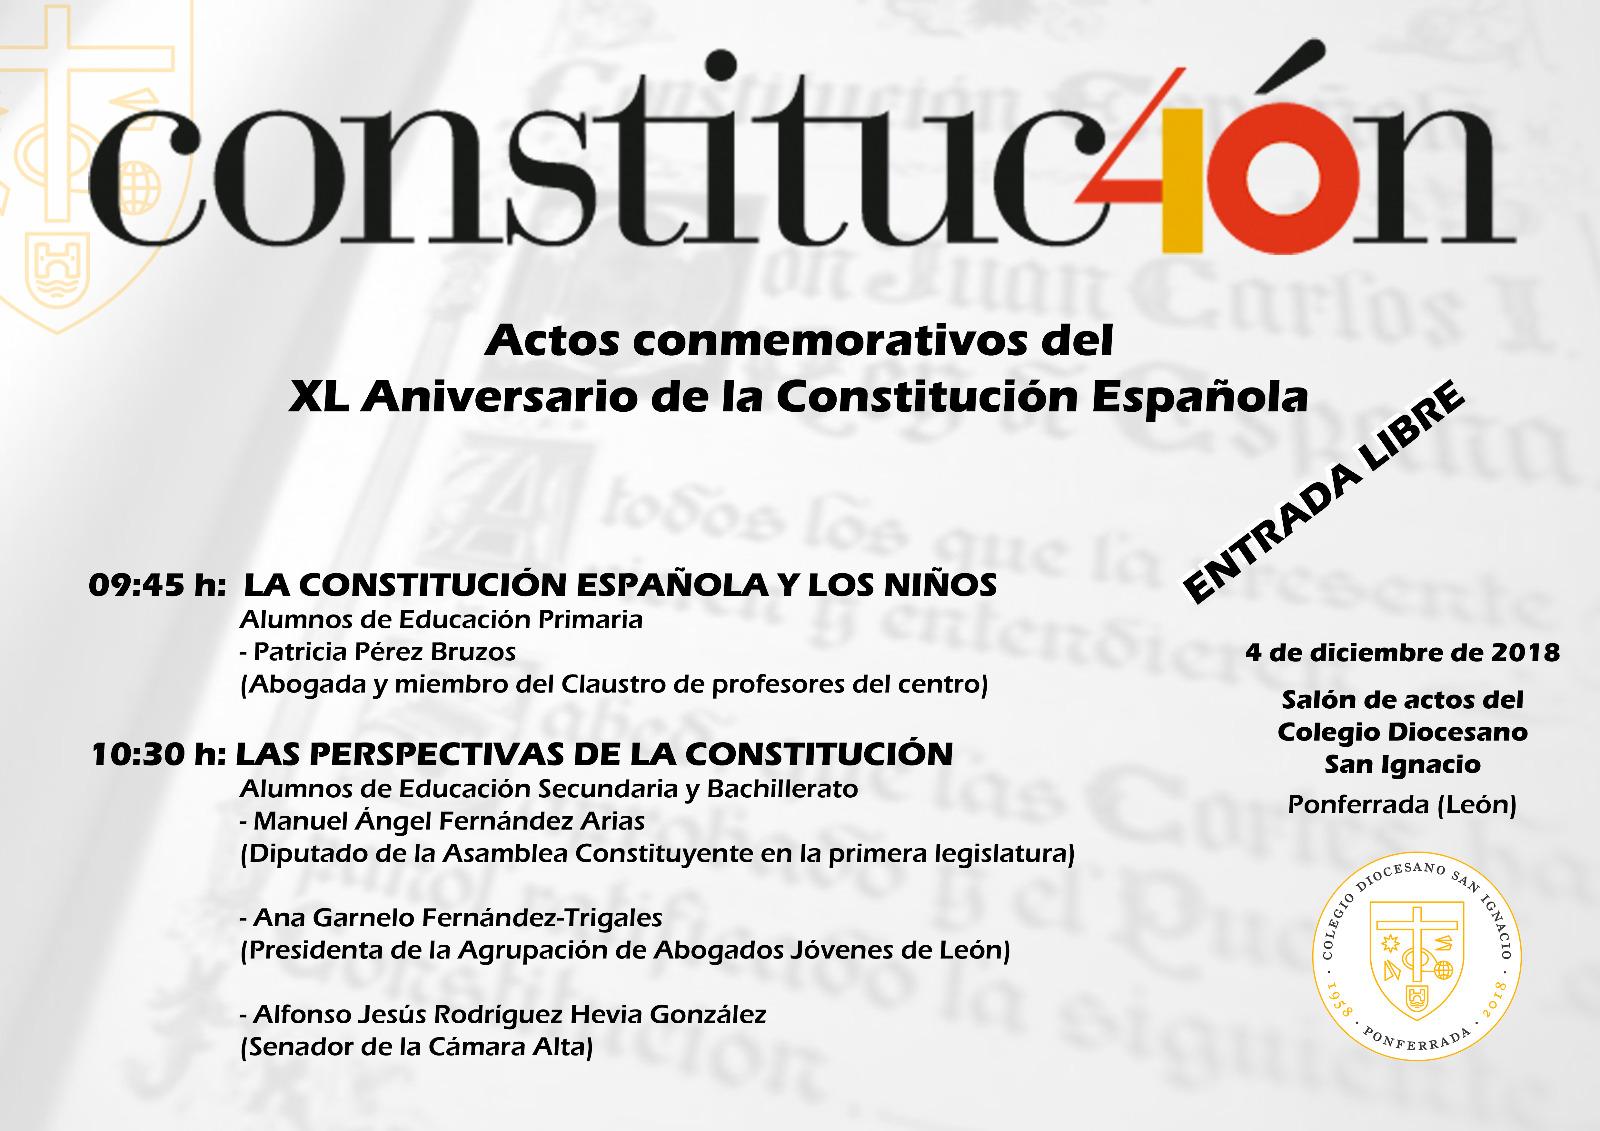 El Colegio San Ignacio celebra el martes, los 40 años de la Constitución Española 2